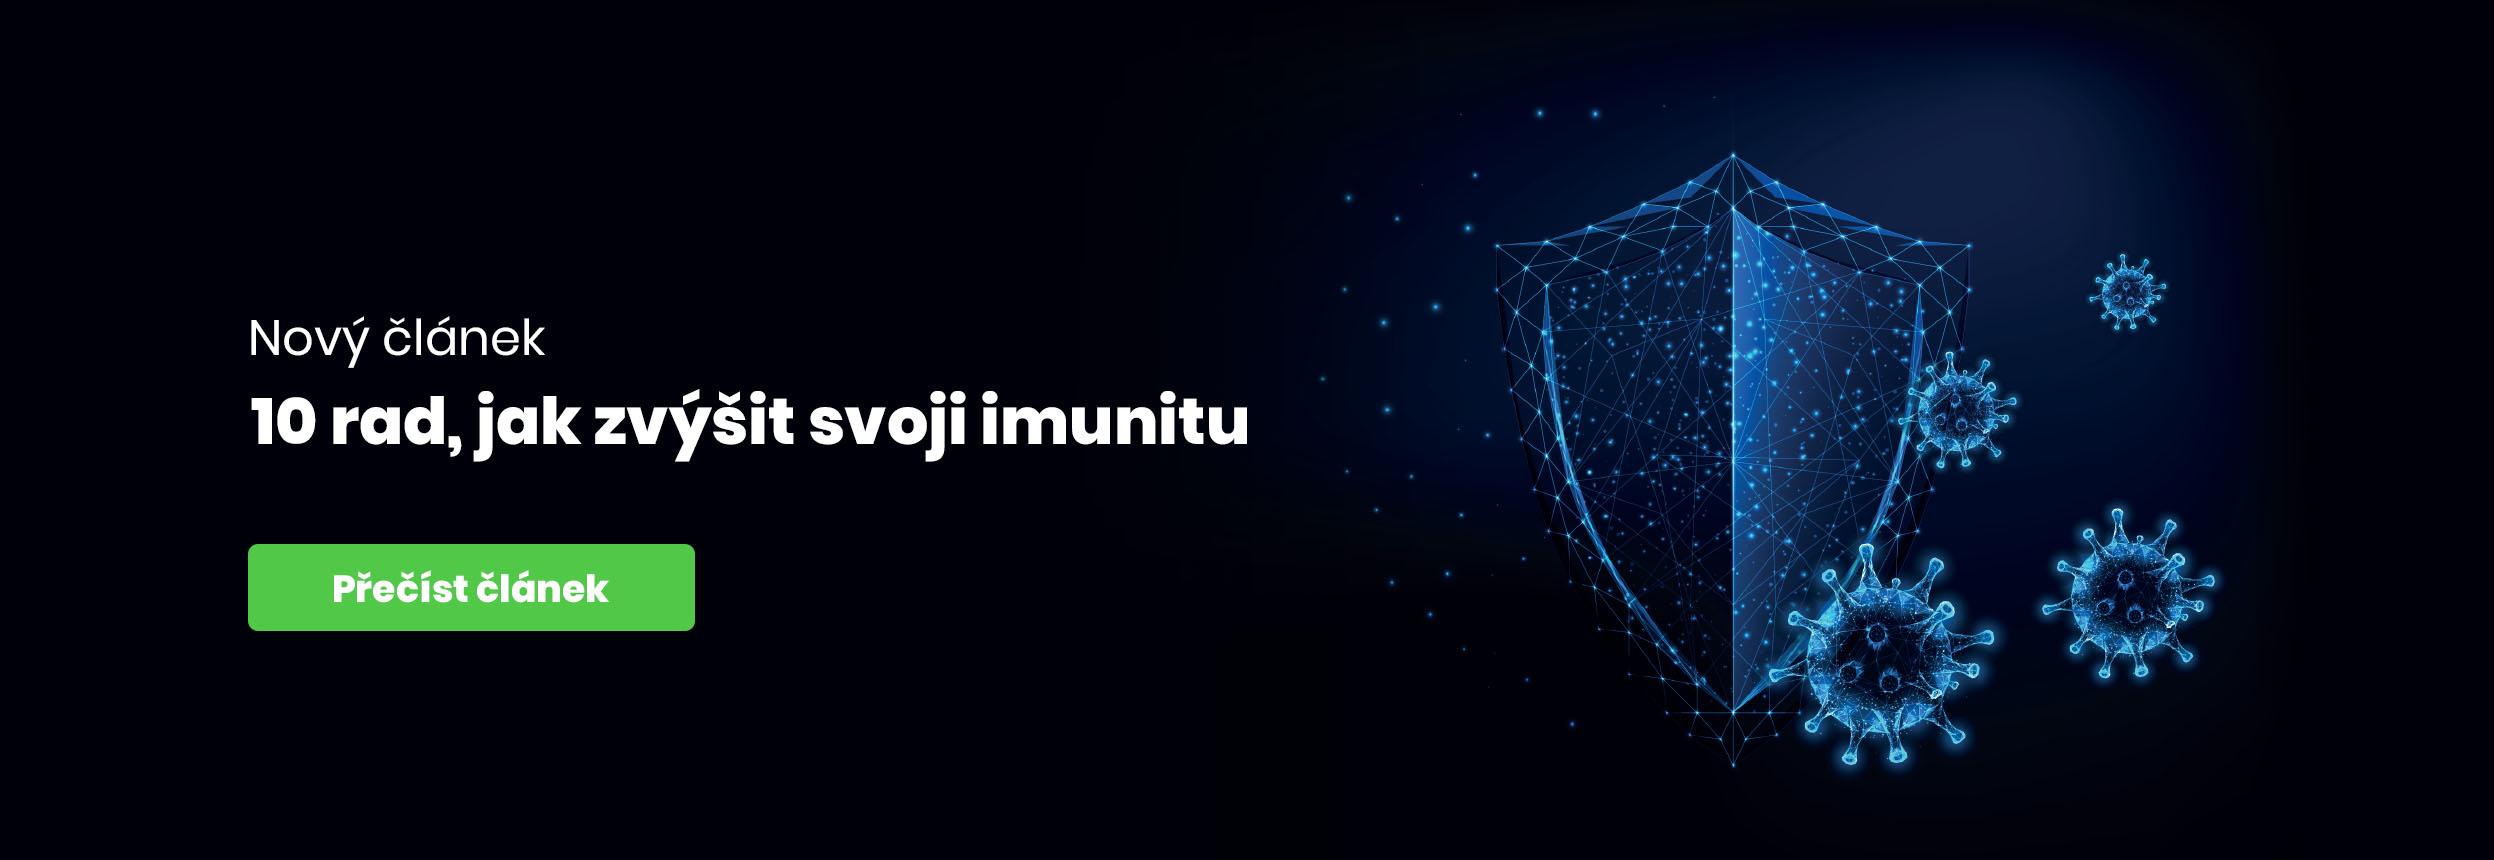 Imunita clanek